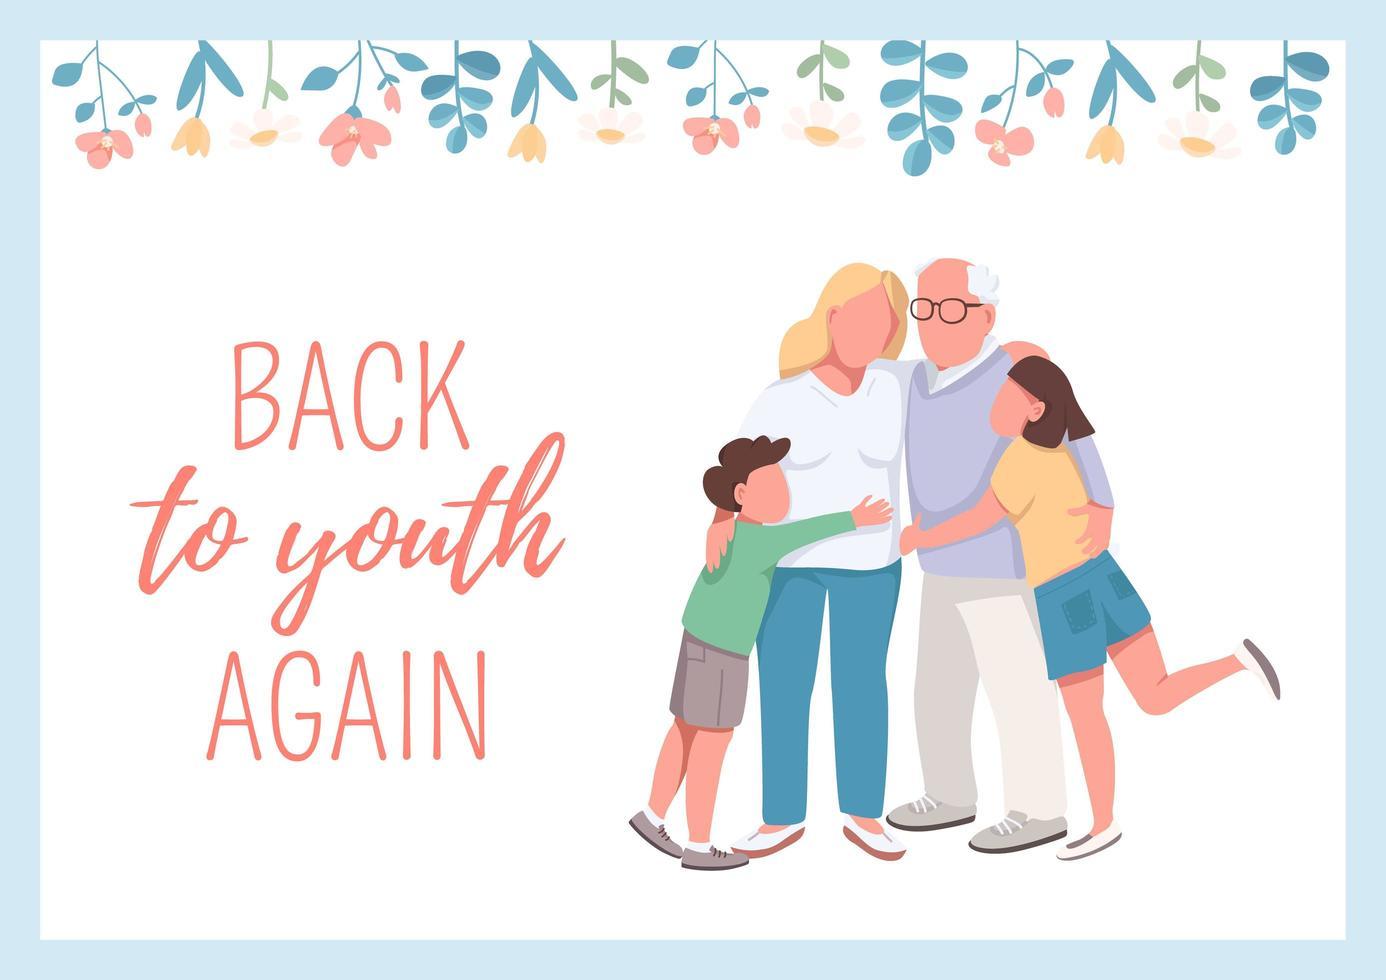 cartel de regreso a la juventud otra vez vector